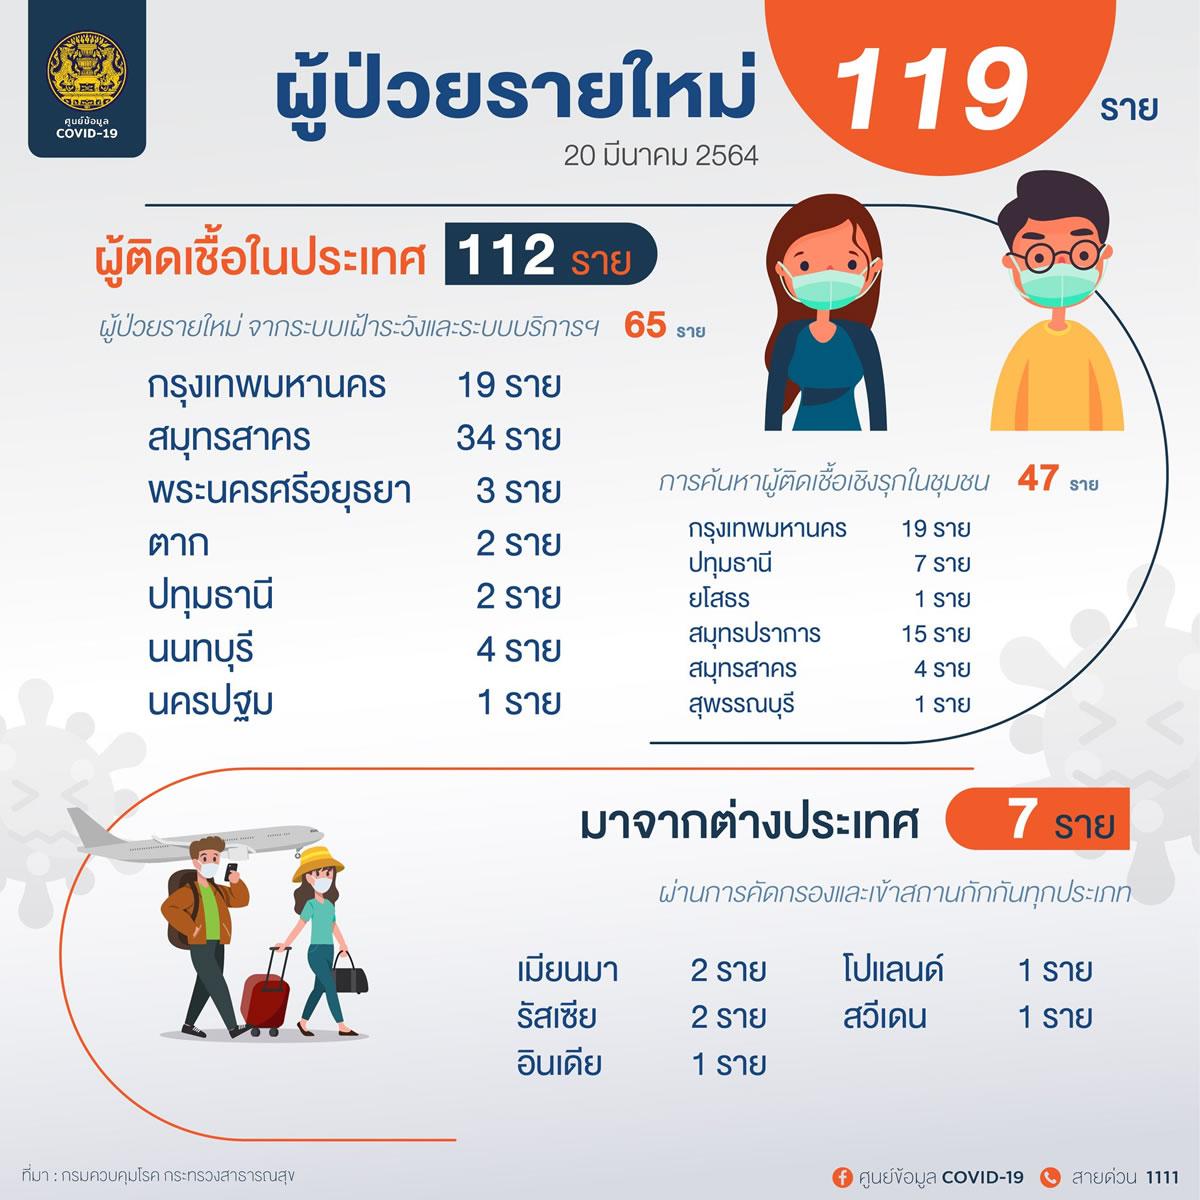 新規タイ国内感染112人、バンコクでは38人の陽性を確認[2021年3月20日発表]